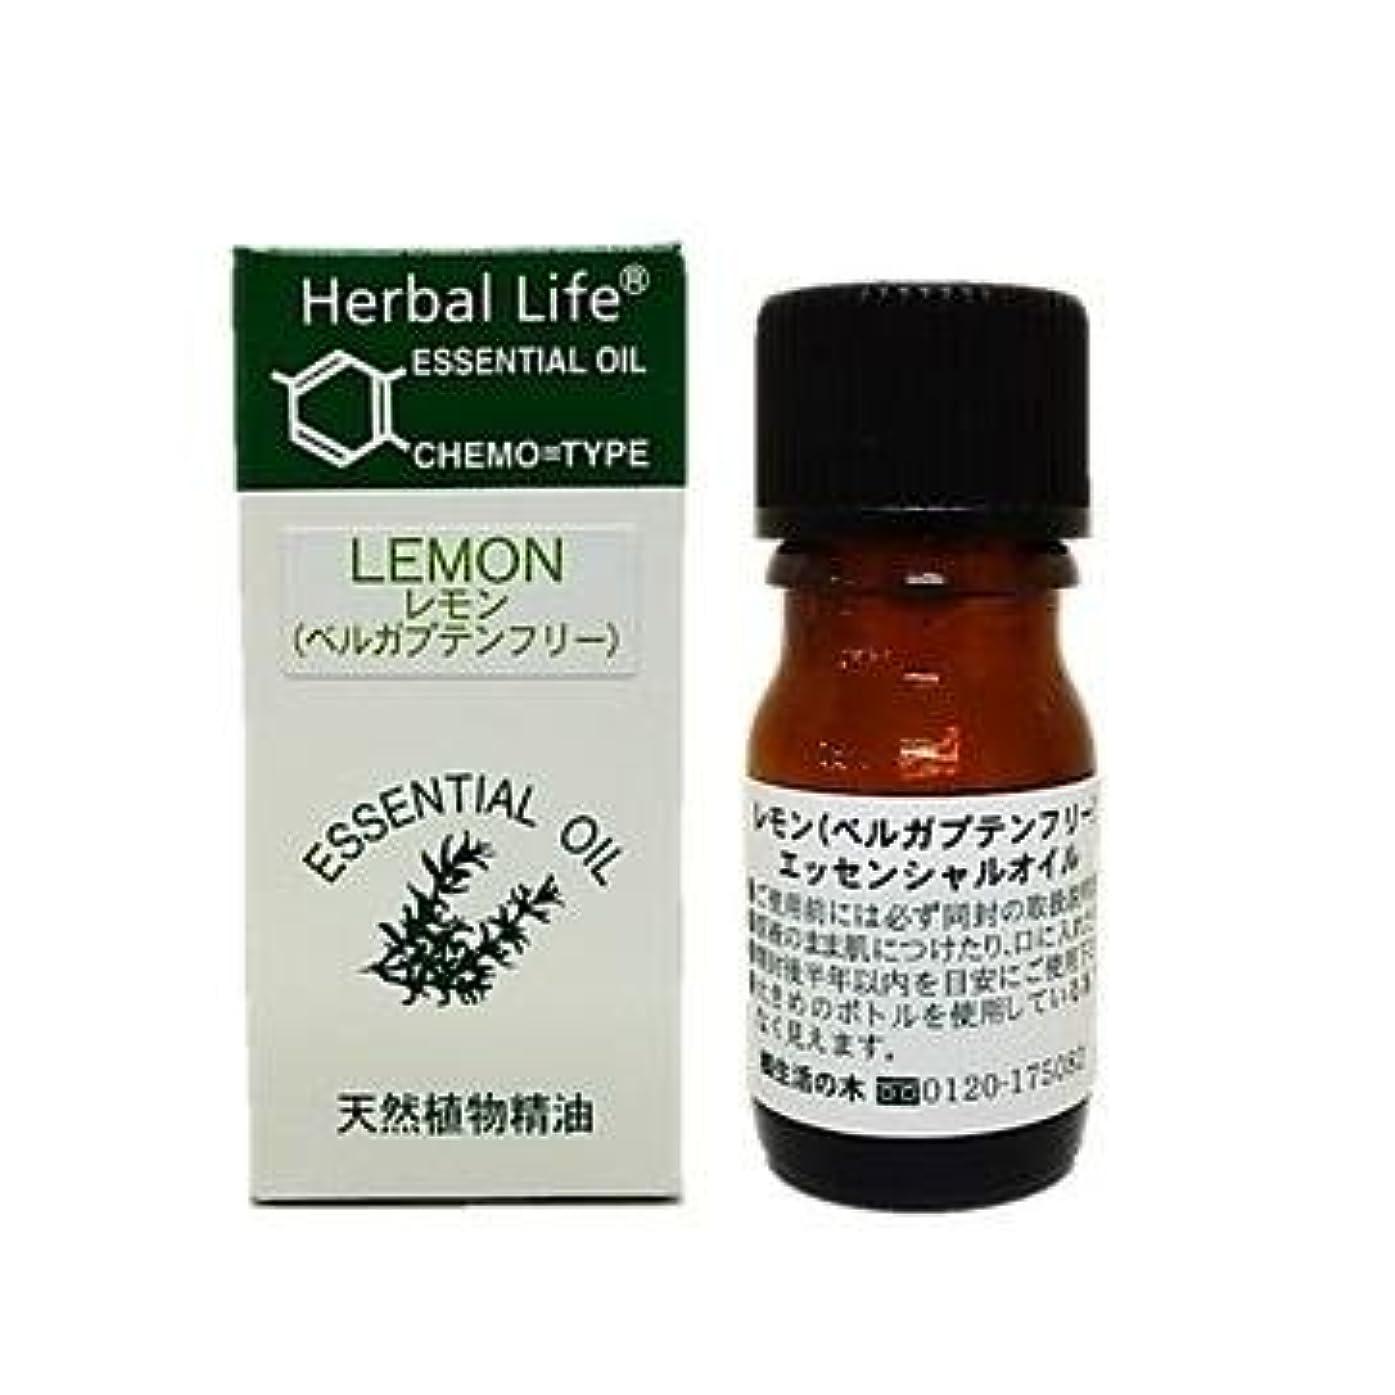 入場更新する見通し生活の木 レモン(フロクマリンフリー)3ml エッセンシャルオイル/精油